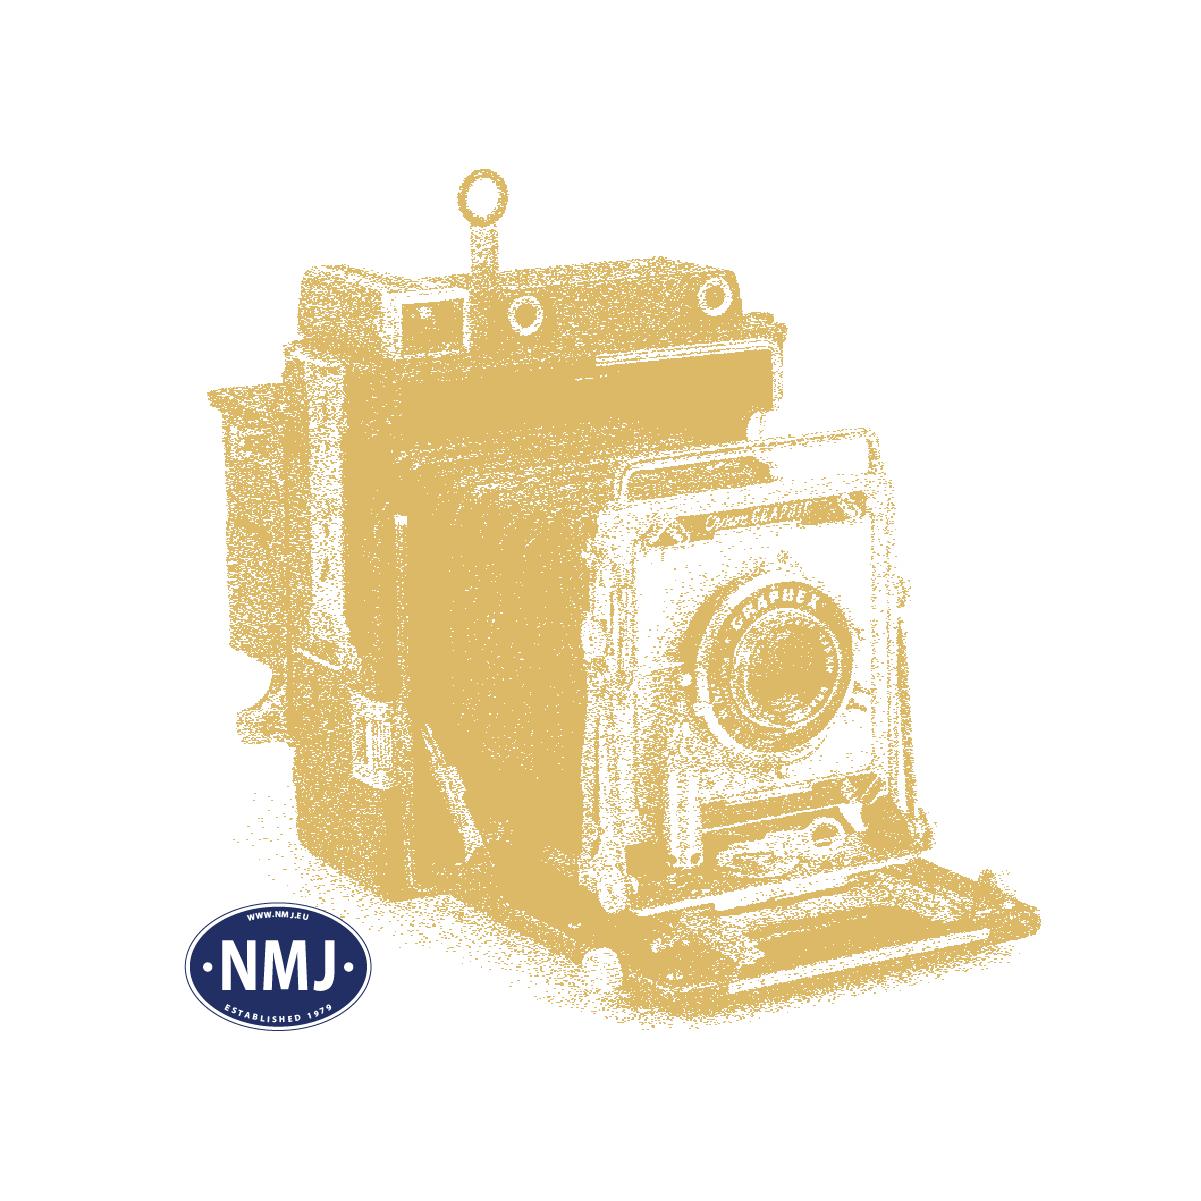 NMJT9943 - Girkassehus for El11